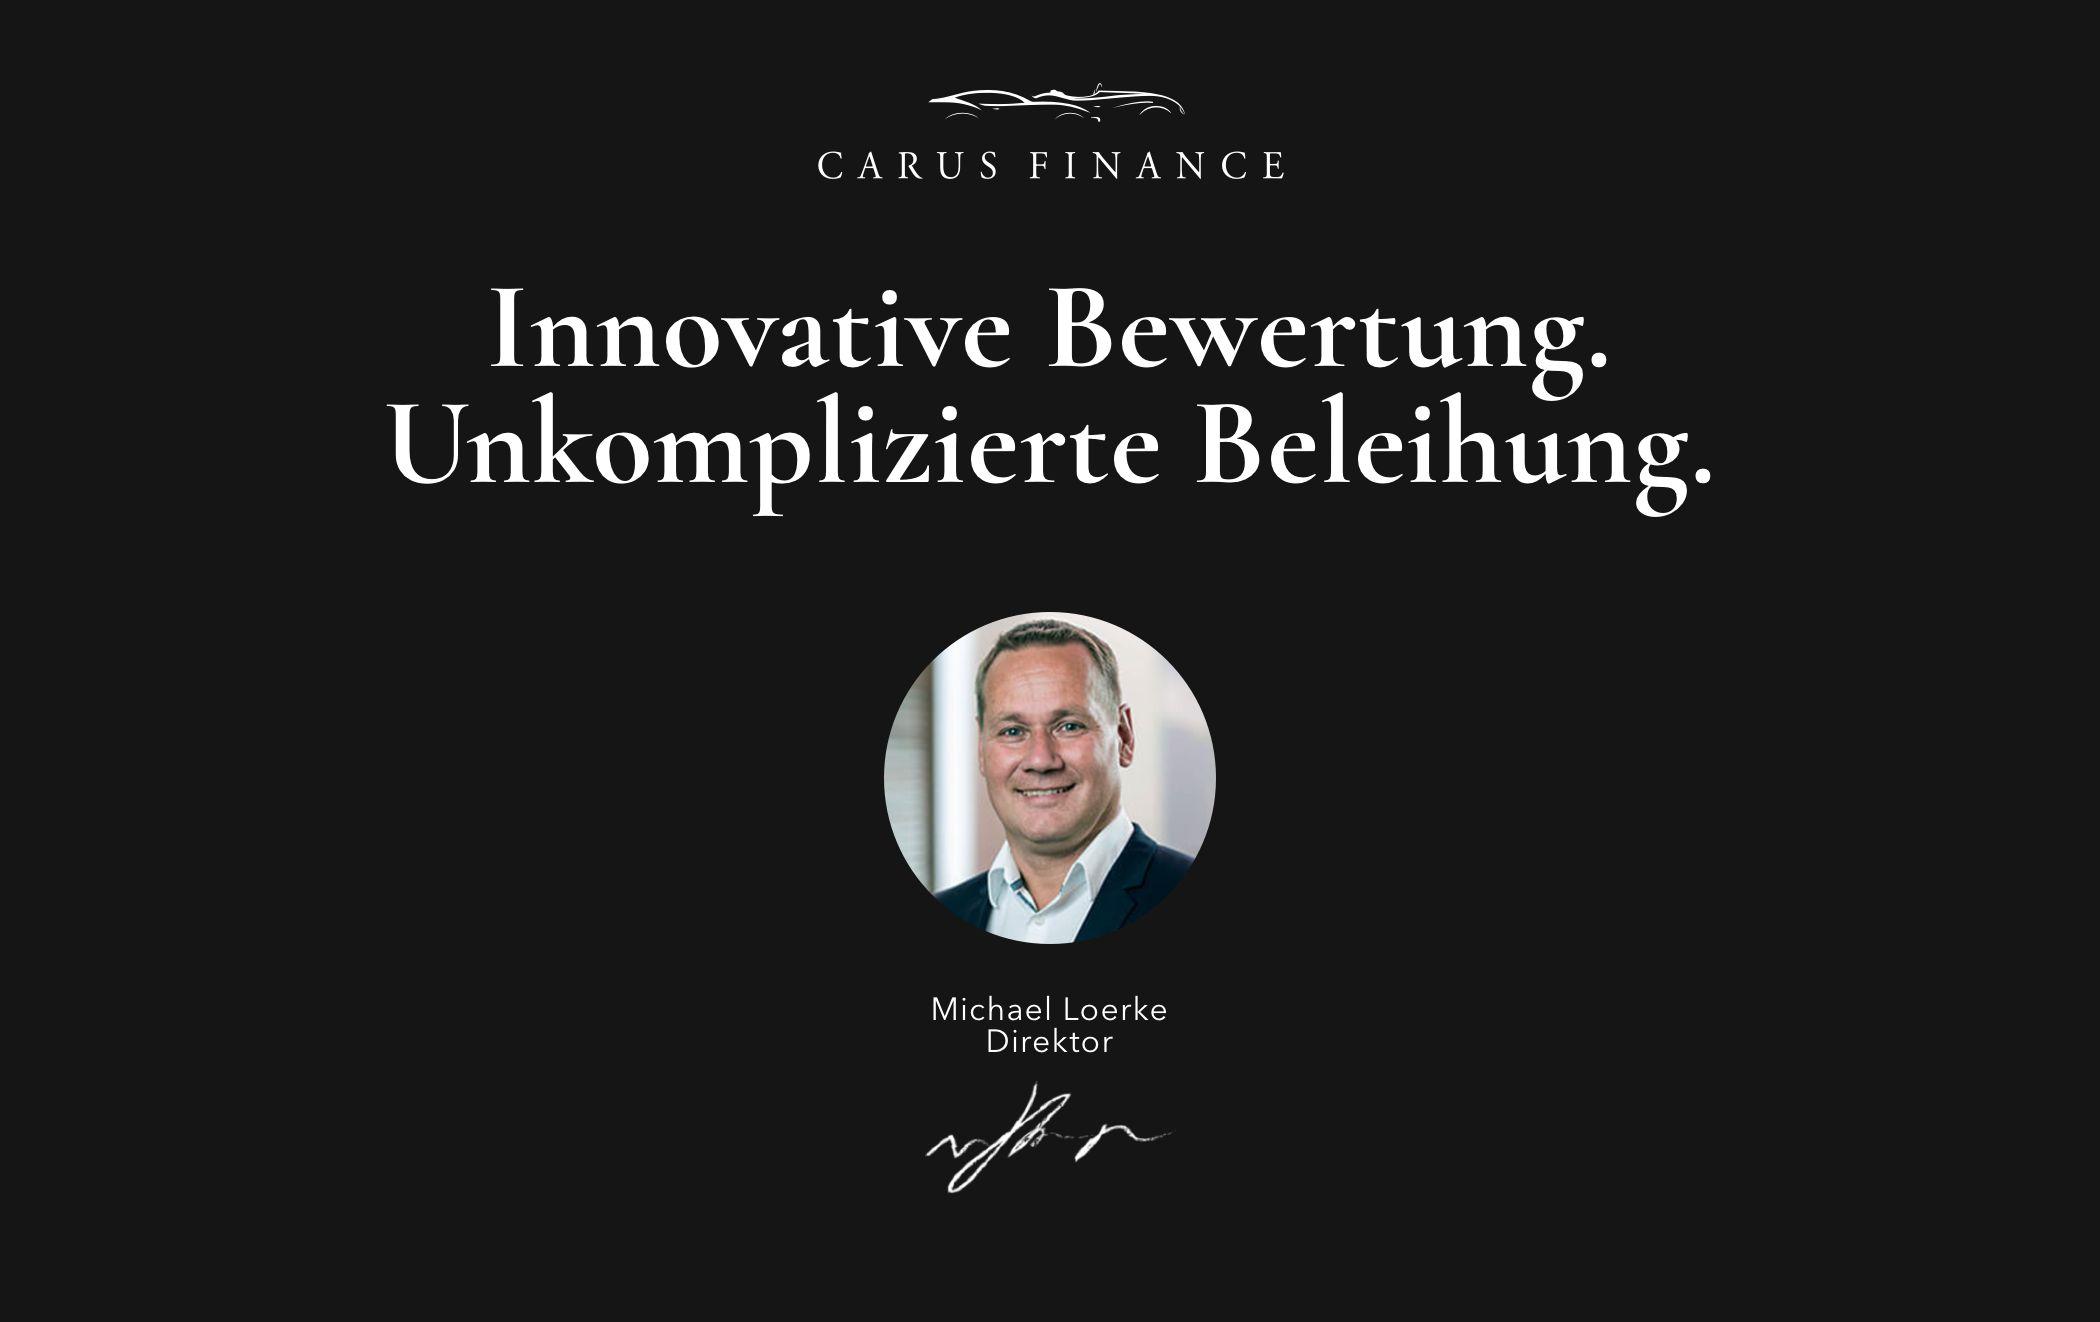 Anzeige | Carus Finance – Innovative Bewertung. Unkomplizierte Beleihung.